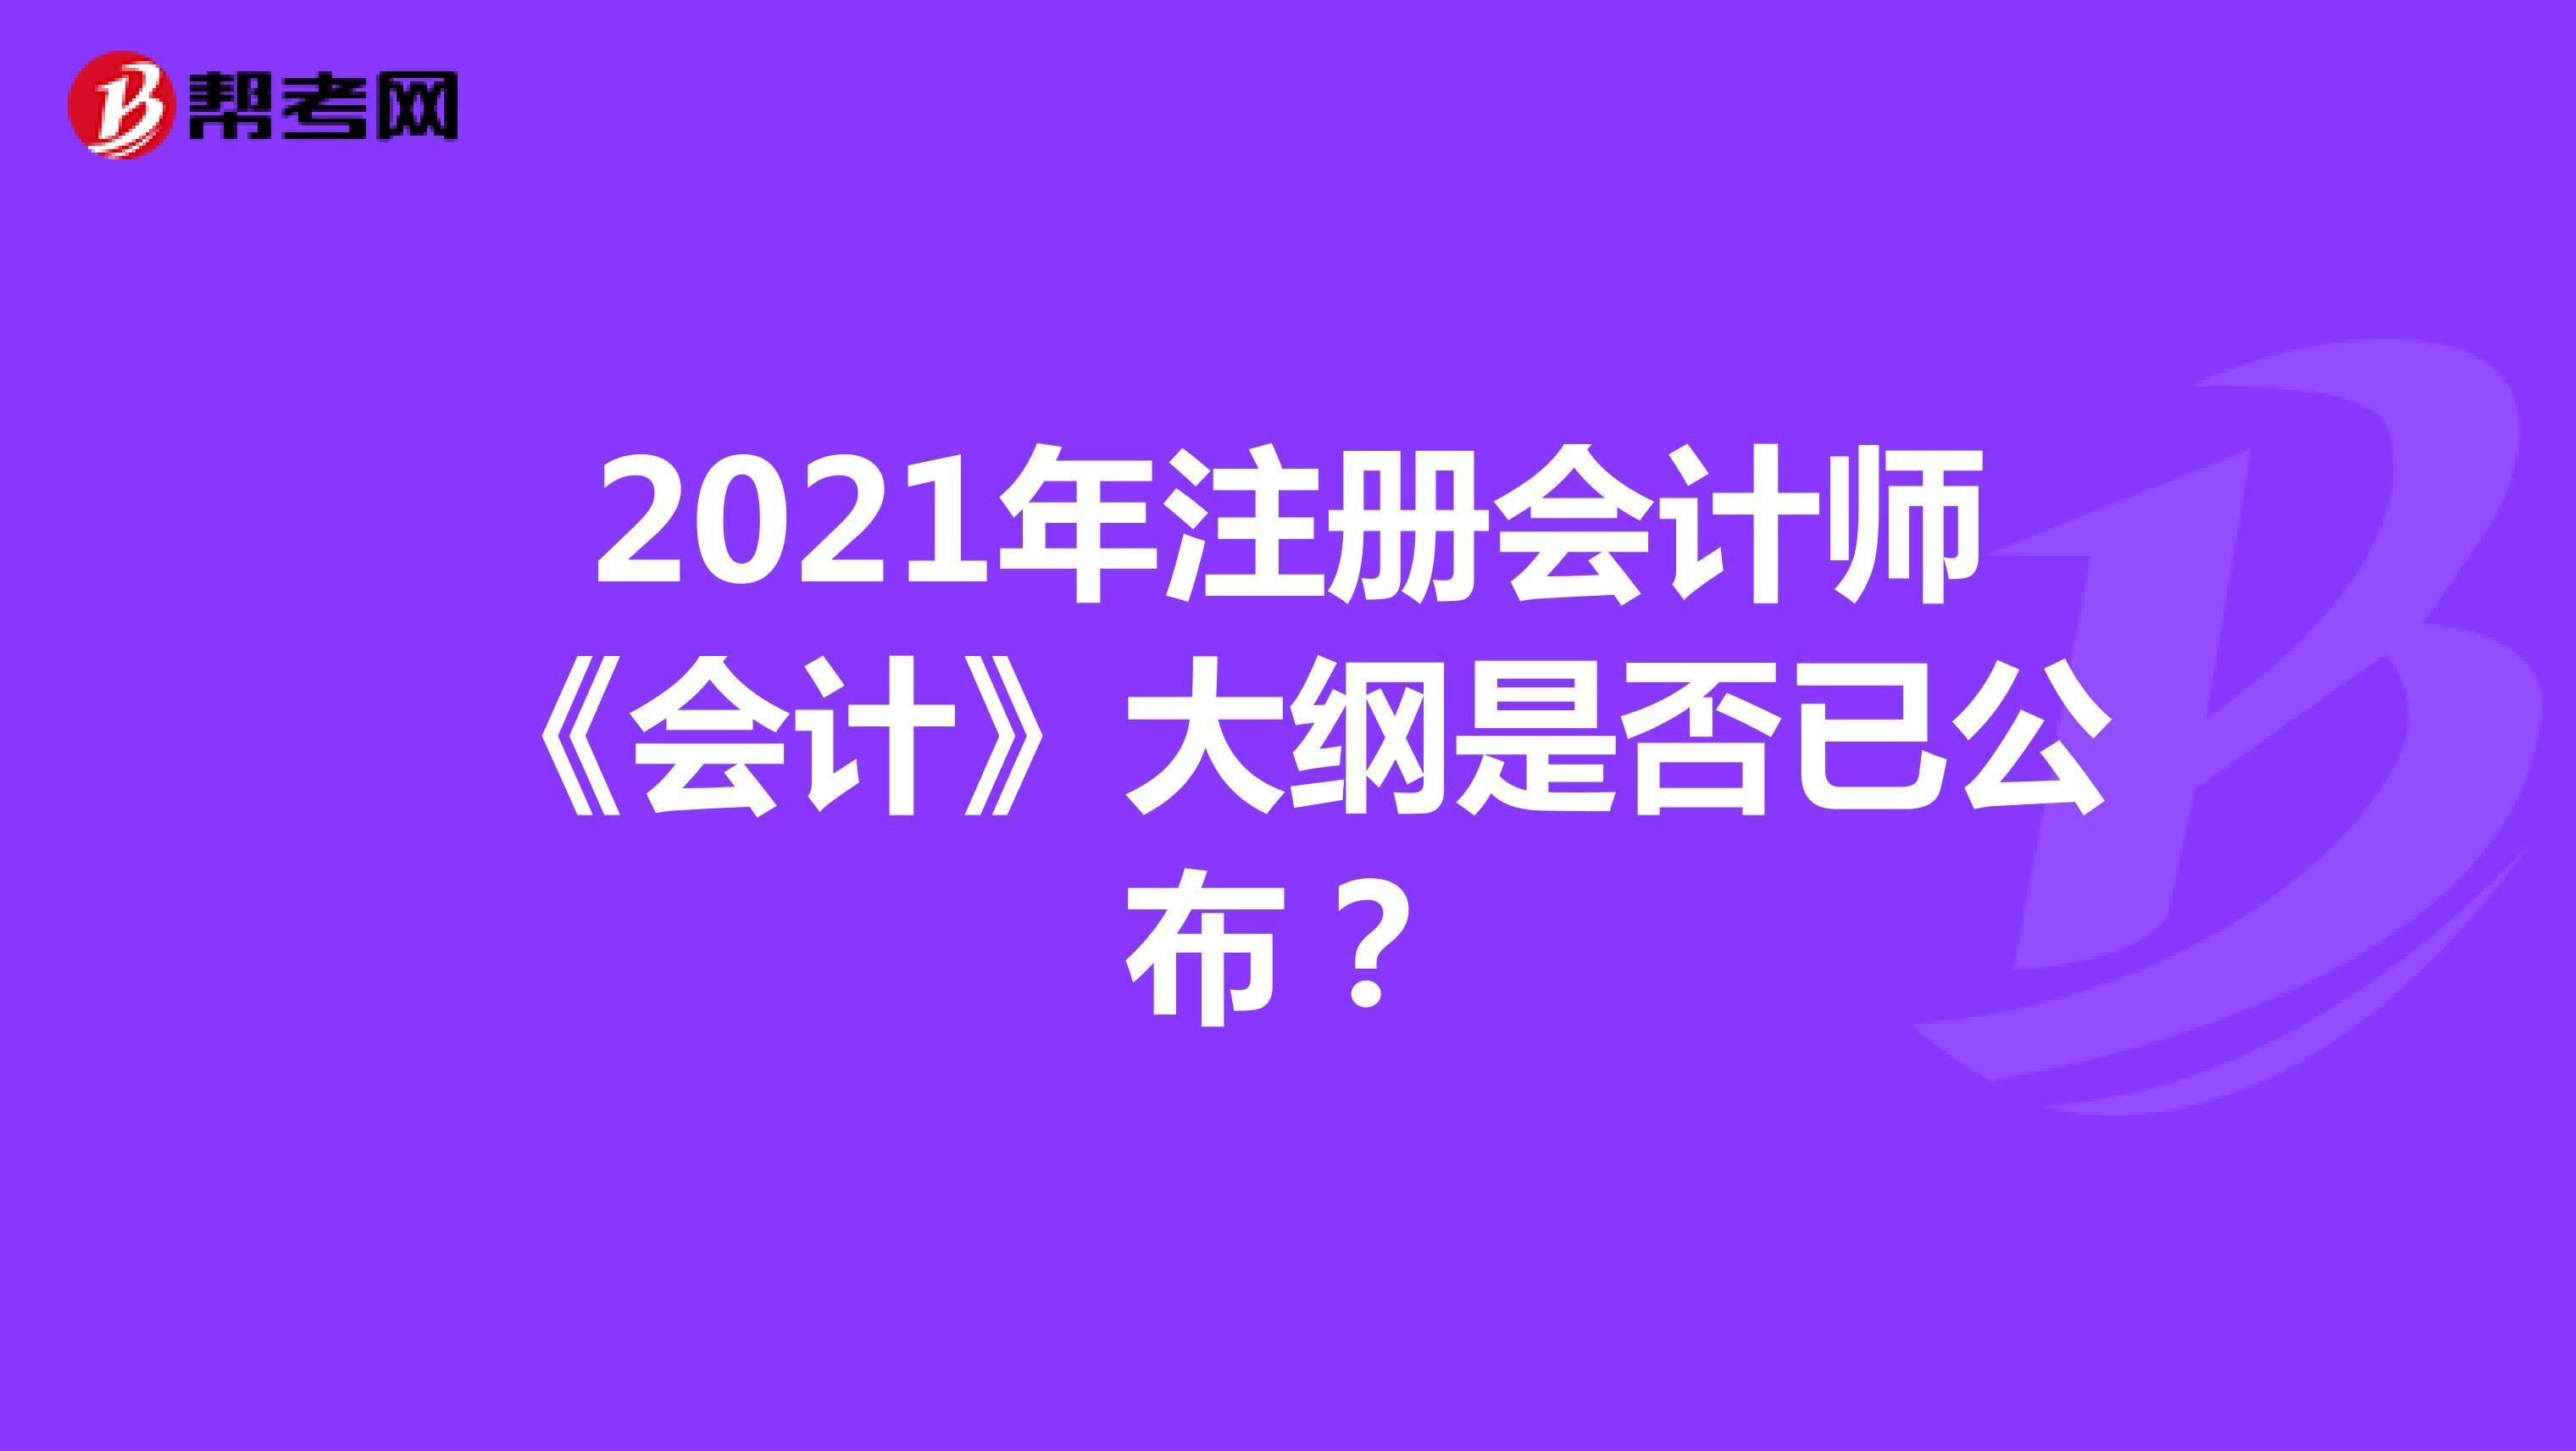 2021年【hot88热竞技提款】注册会计师《会计》大纲是否已公布?